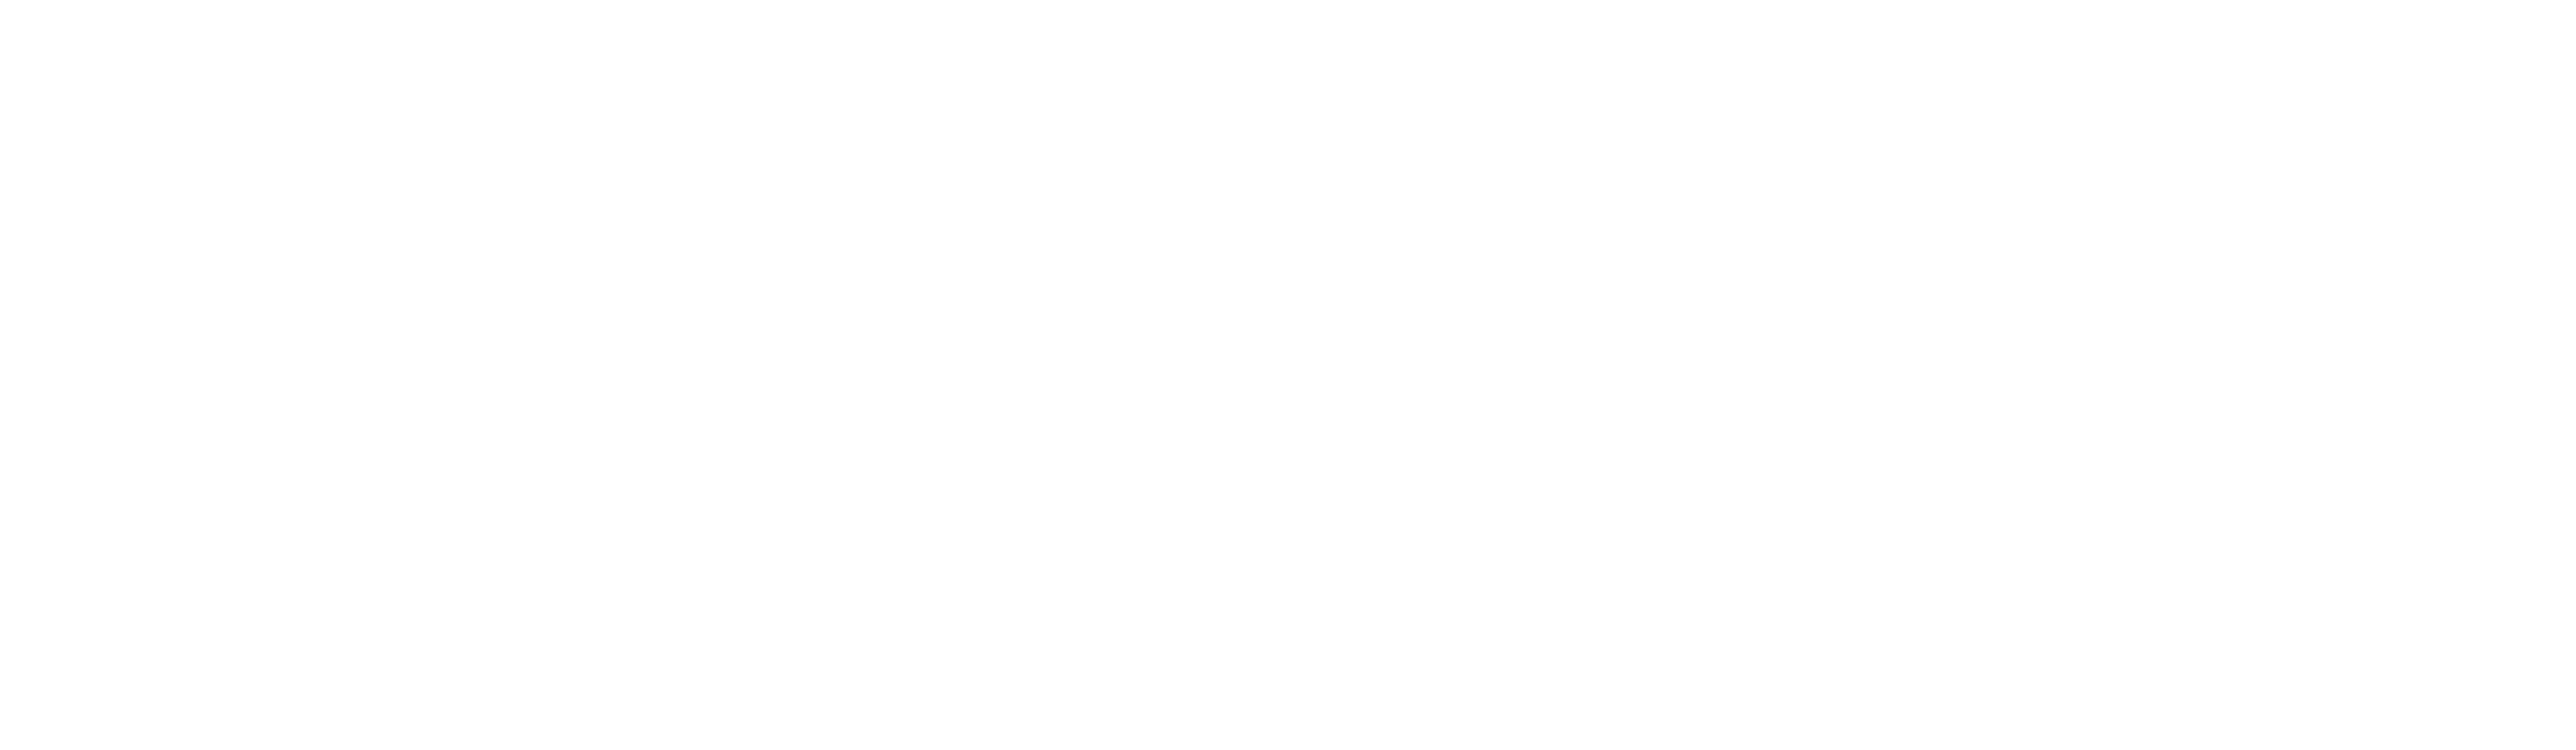 Recapol Carrocerias blanco